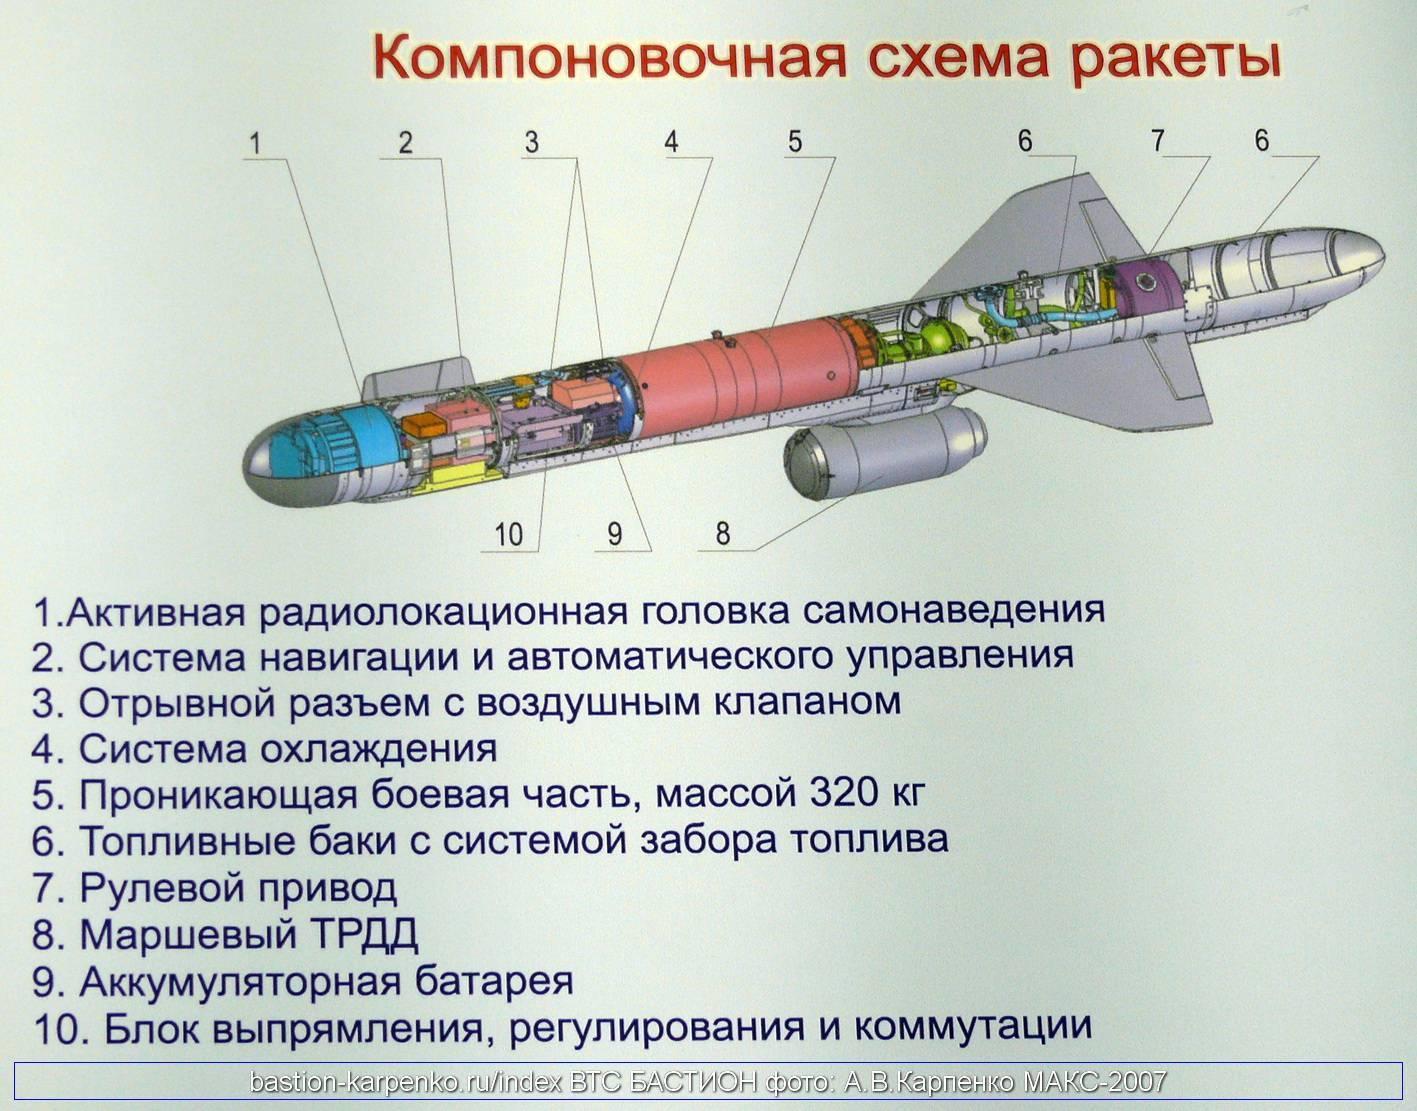 Крылатый «буревестник»: что известно о таинственном русском оружии | статьи | известия